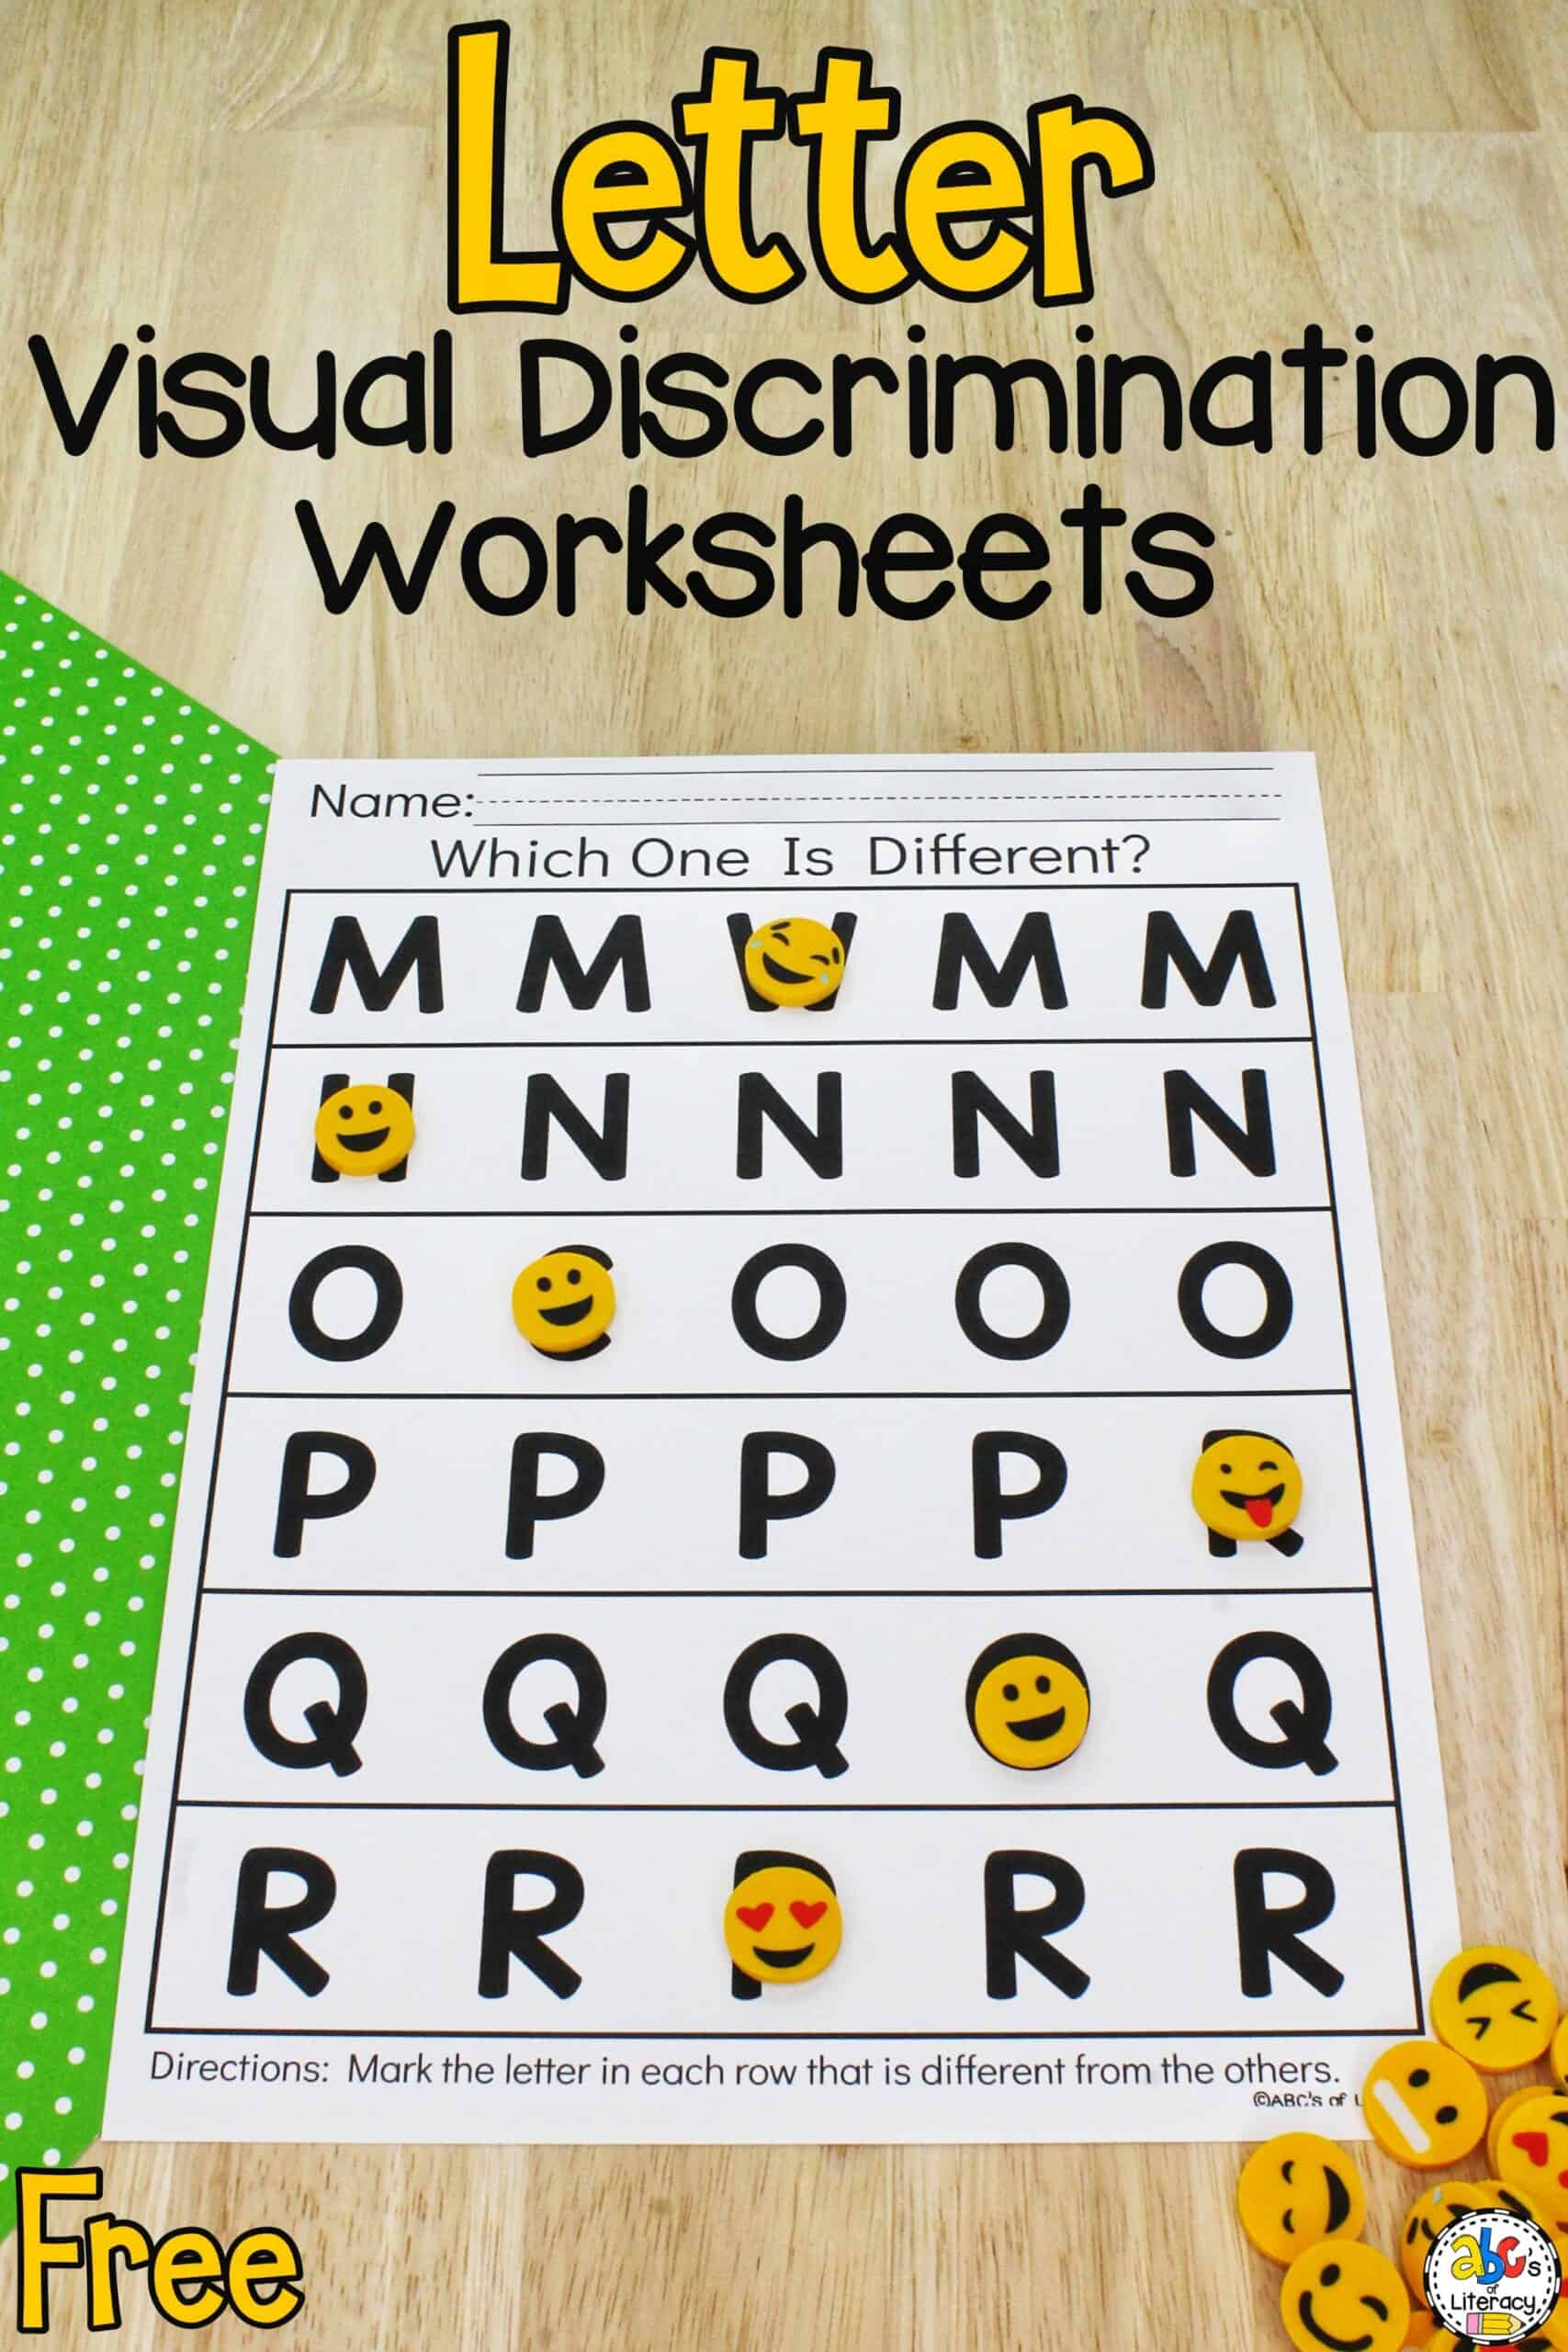 Letter Visual Discrimination Worksheets